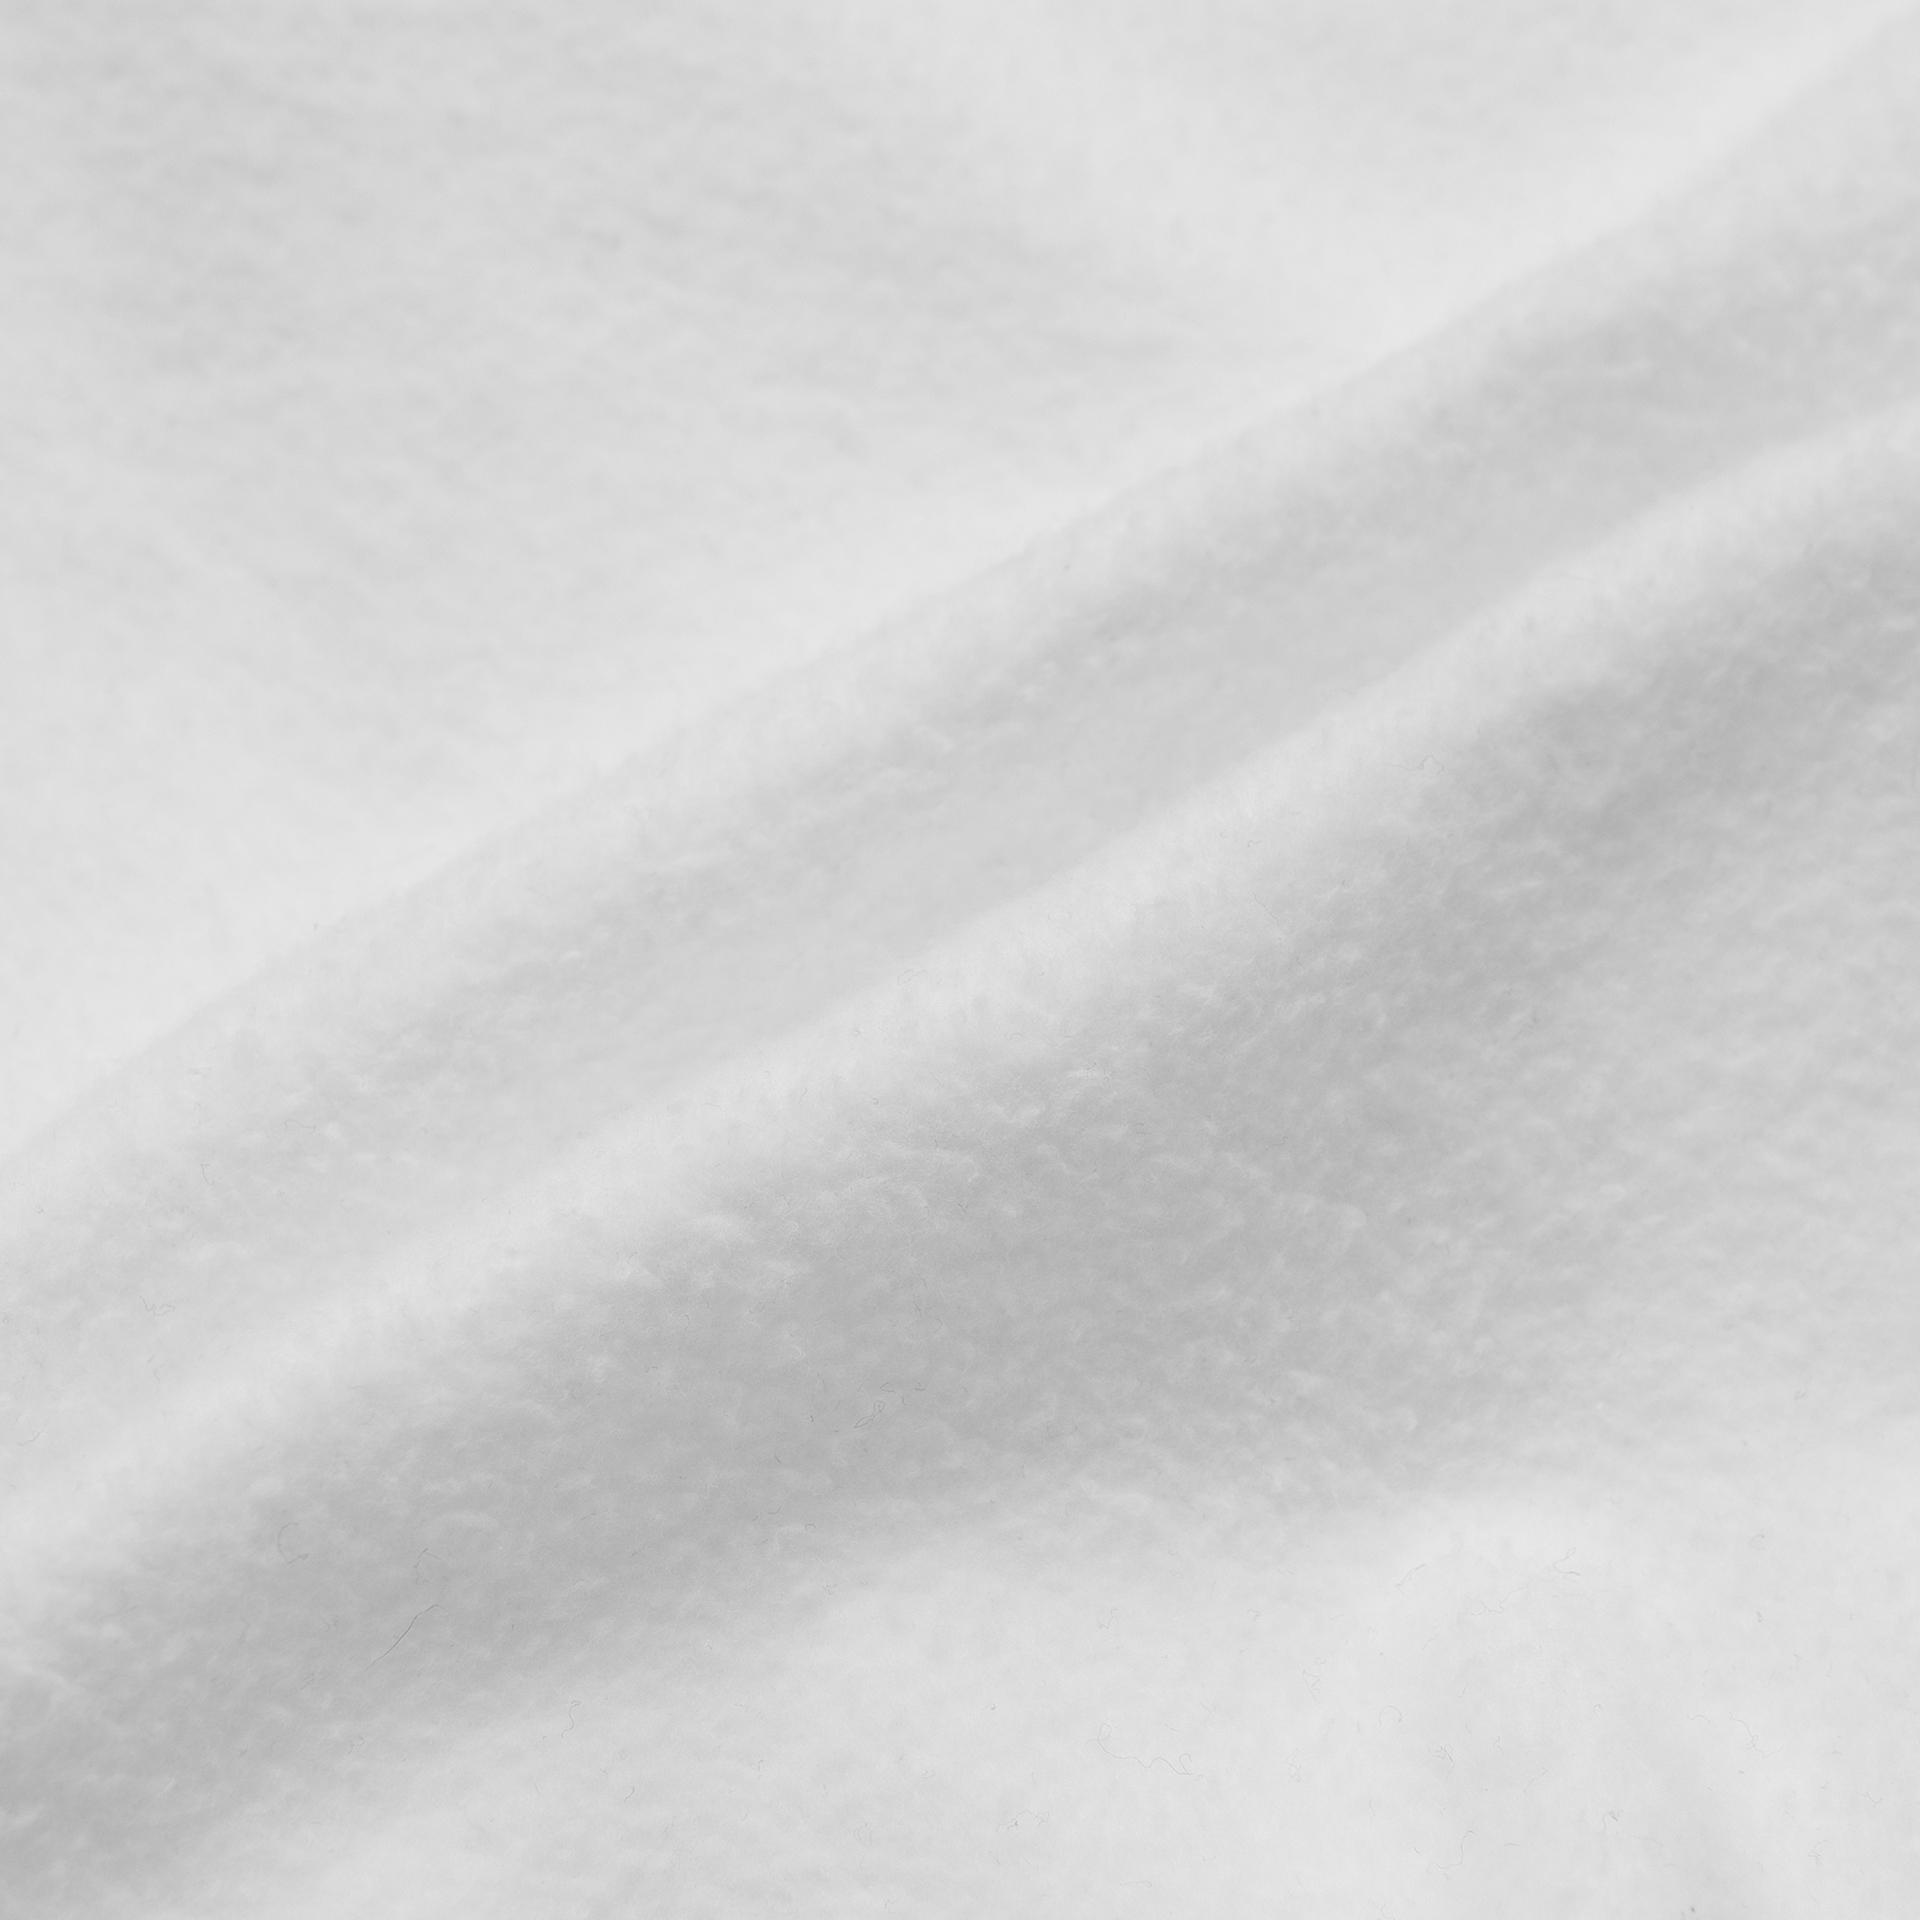 엘엠씨(LMC) LMC X A6OVE FRIENDSHIP MIX SWEATSHIRT white